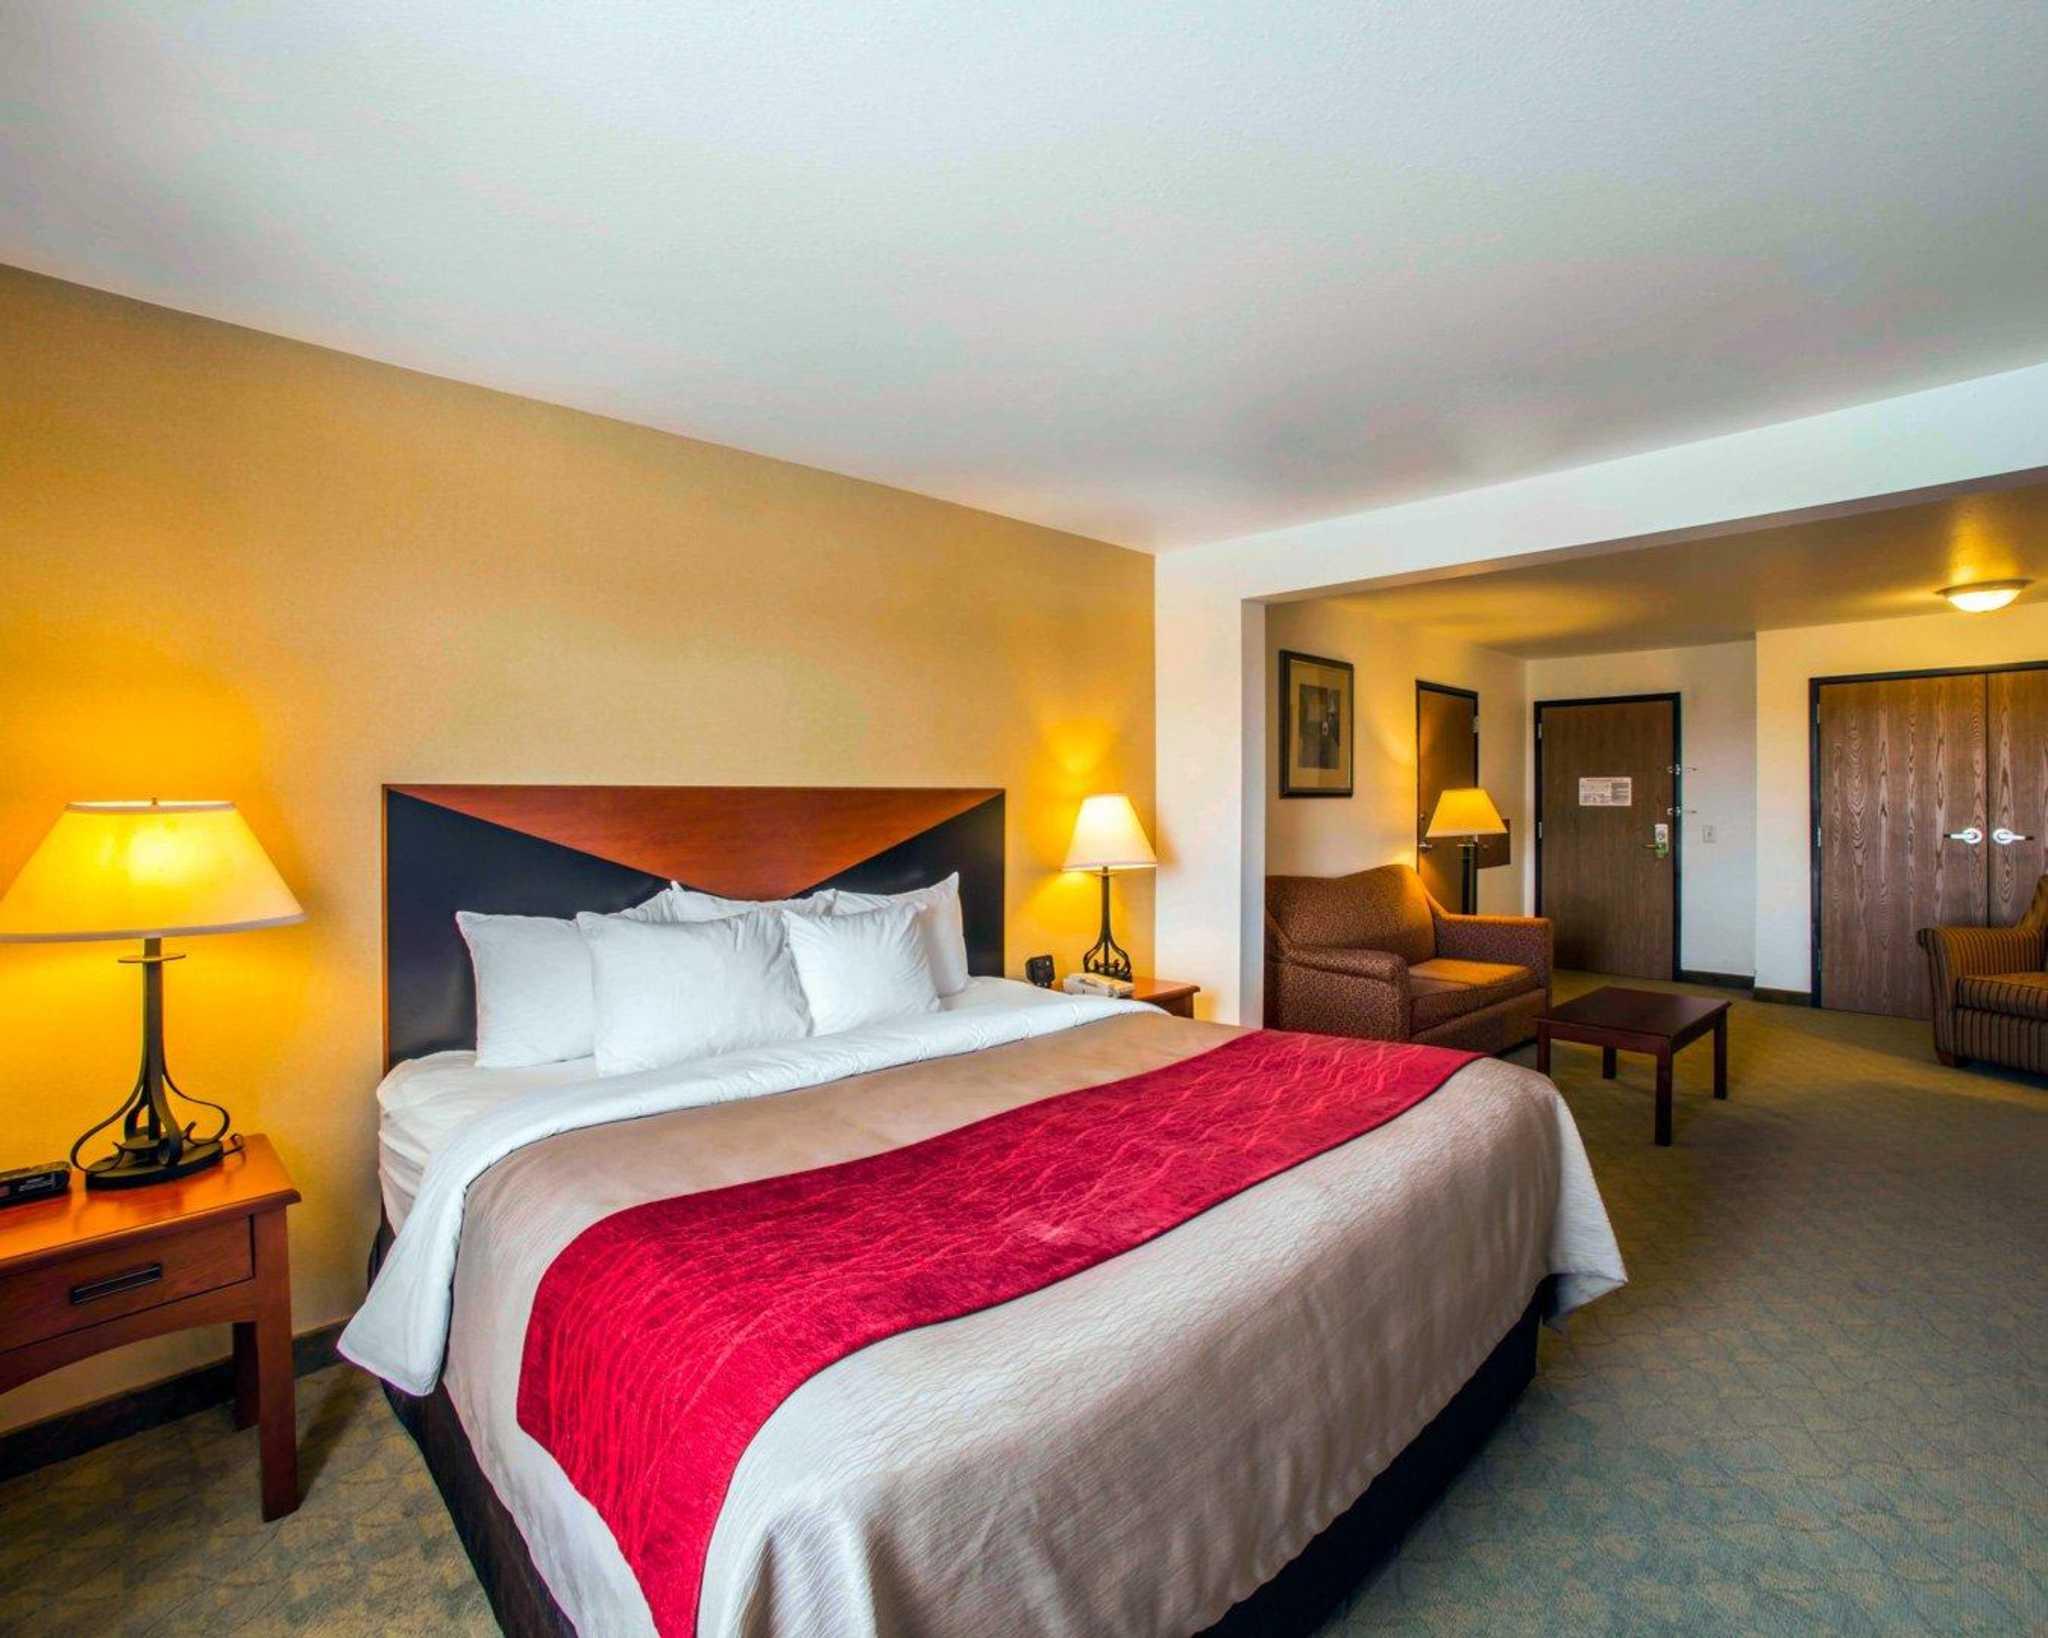 Comfort Inn & Suites Greenville I-70 image 14